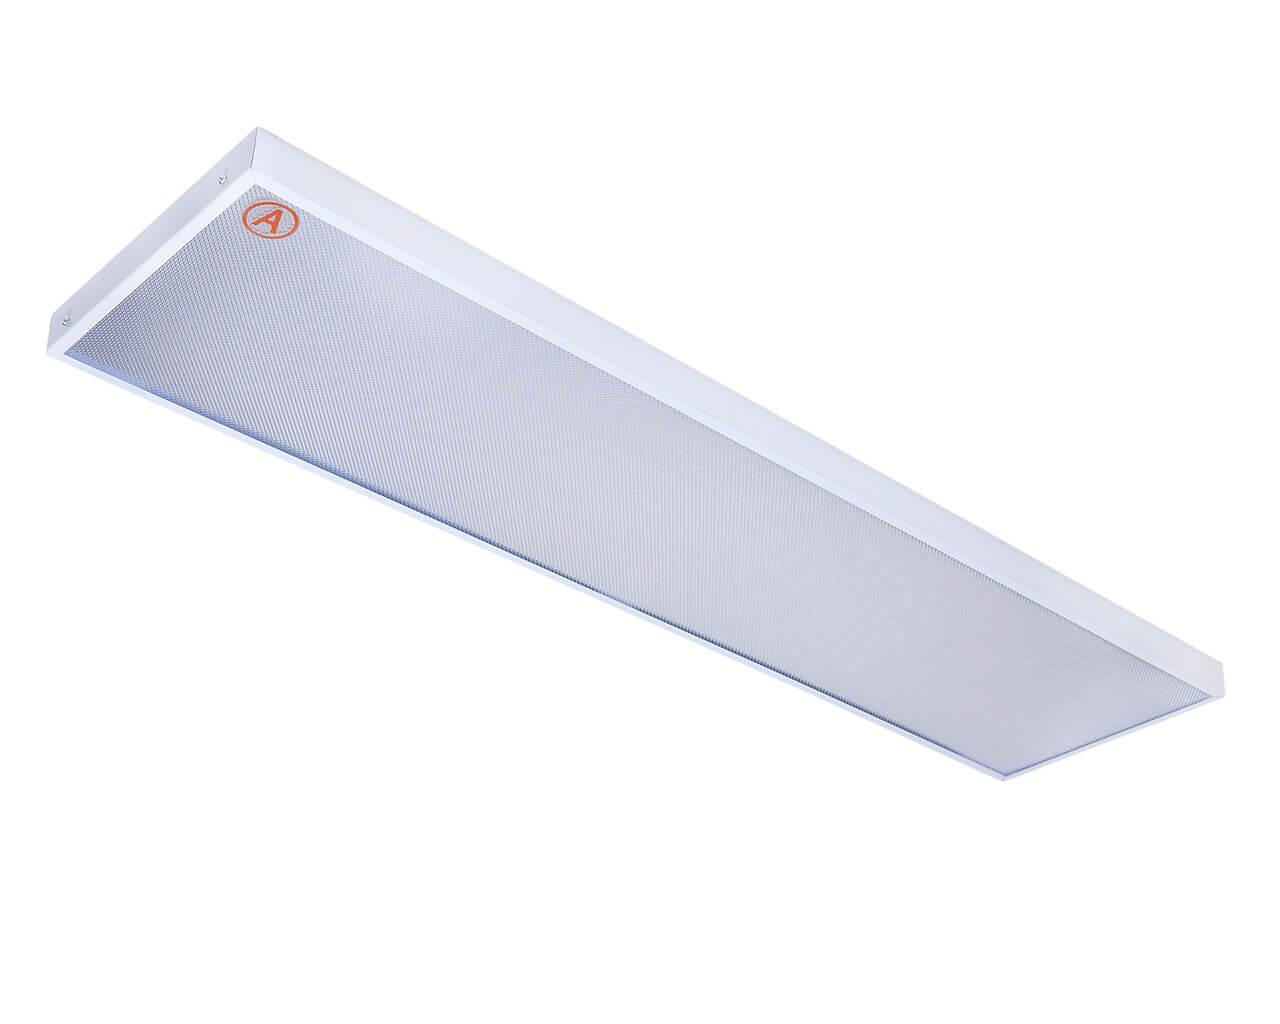 Накладной светильник LC-NSM-60 ватт 1195x295 Теплый белый Призма Бап 3 часа